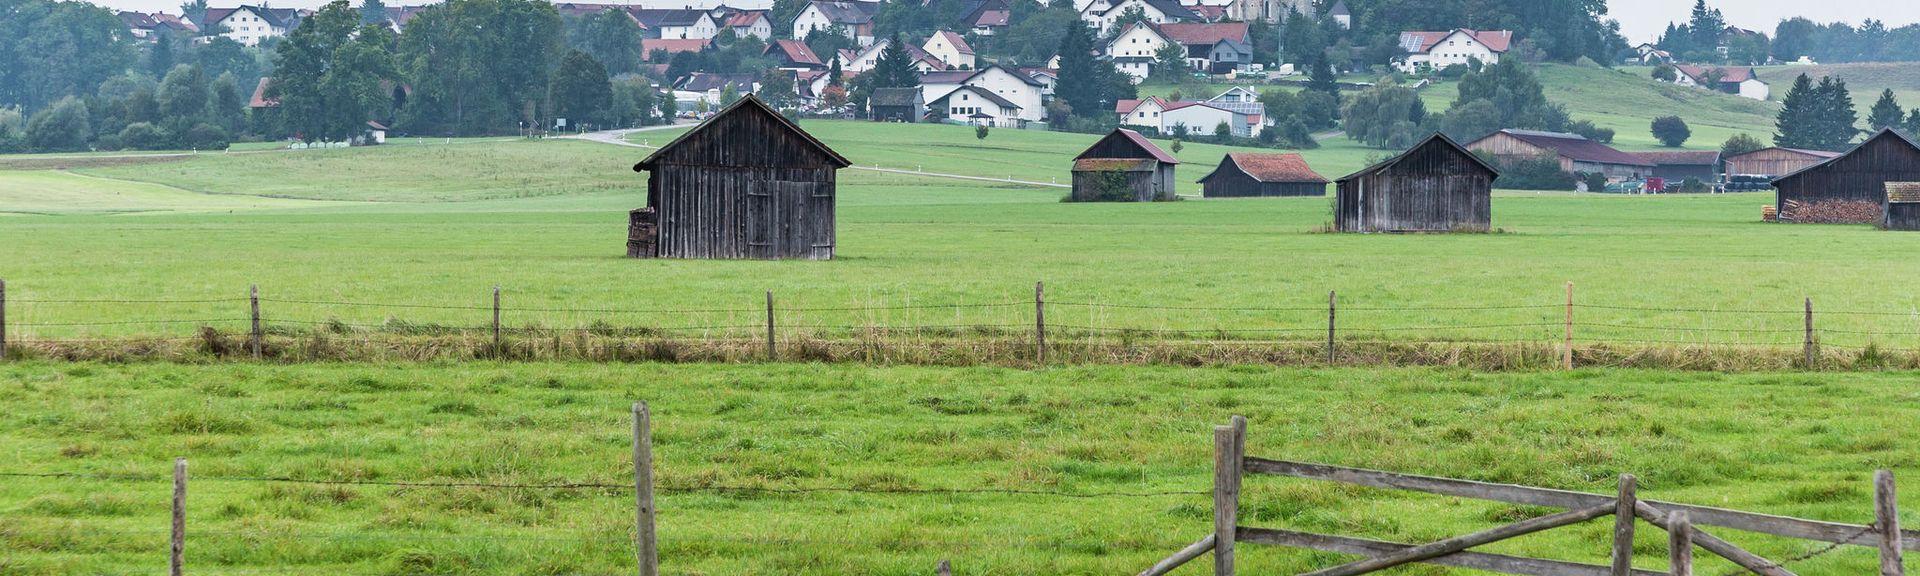 Rammingen, Beieren, Duitsland